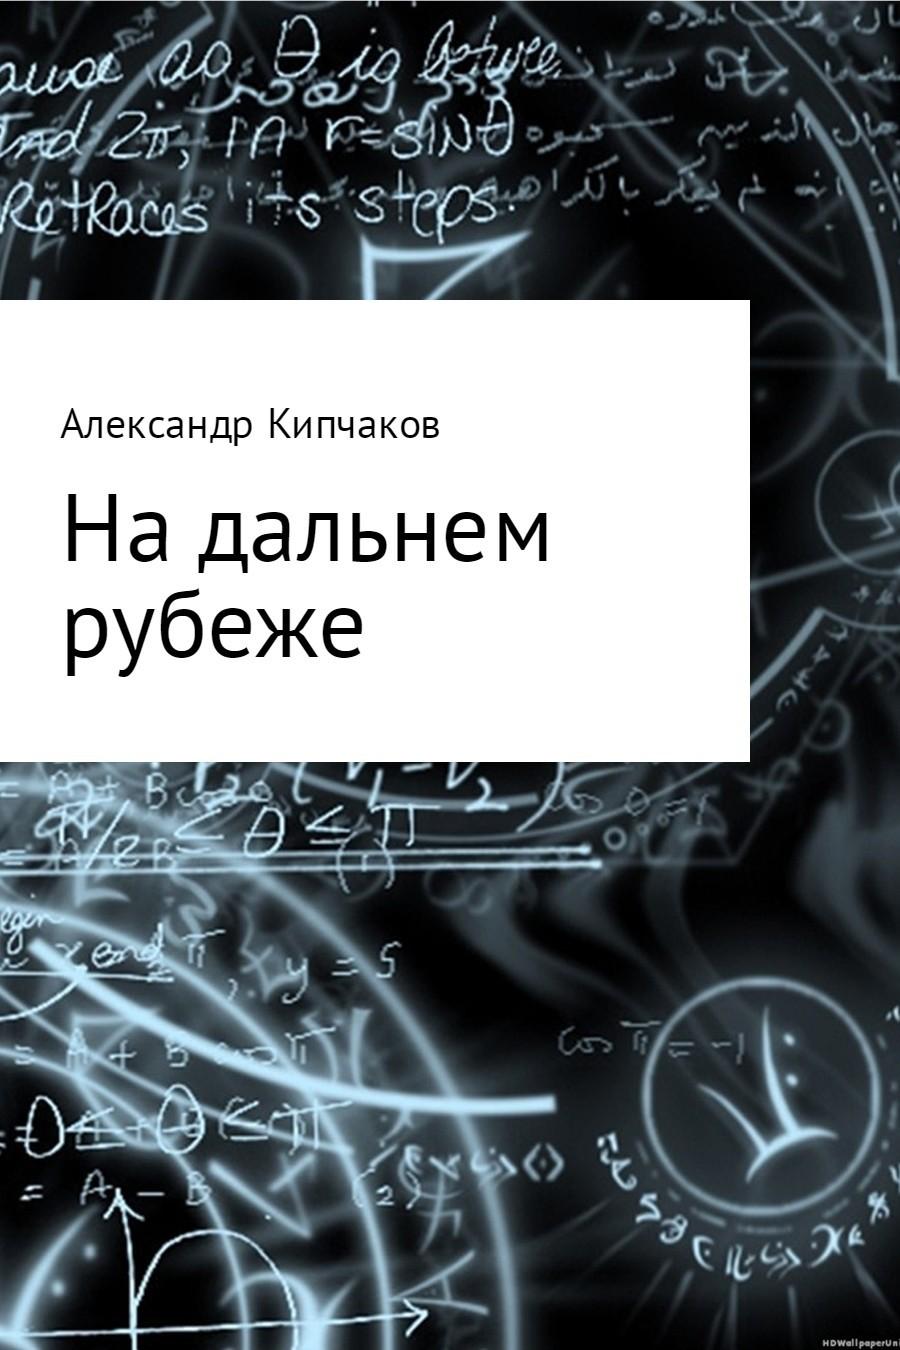 Александр Кипчаков - На дальнем рубеже